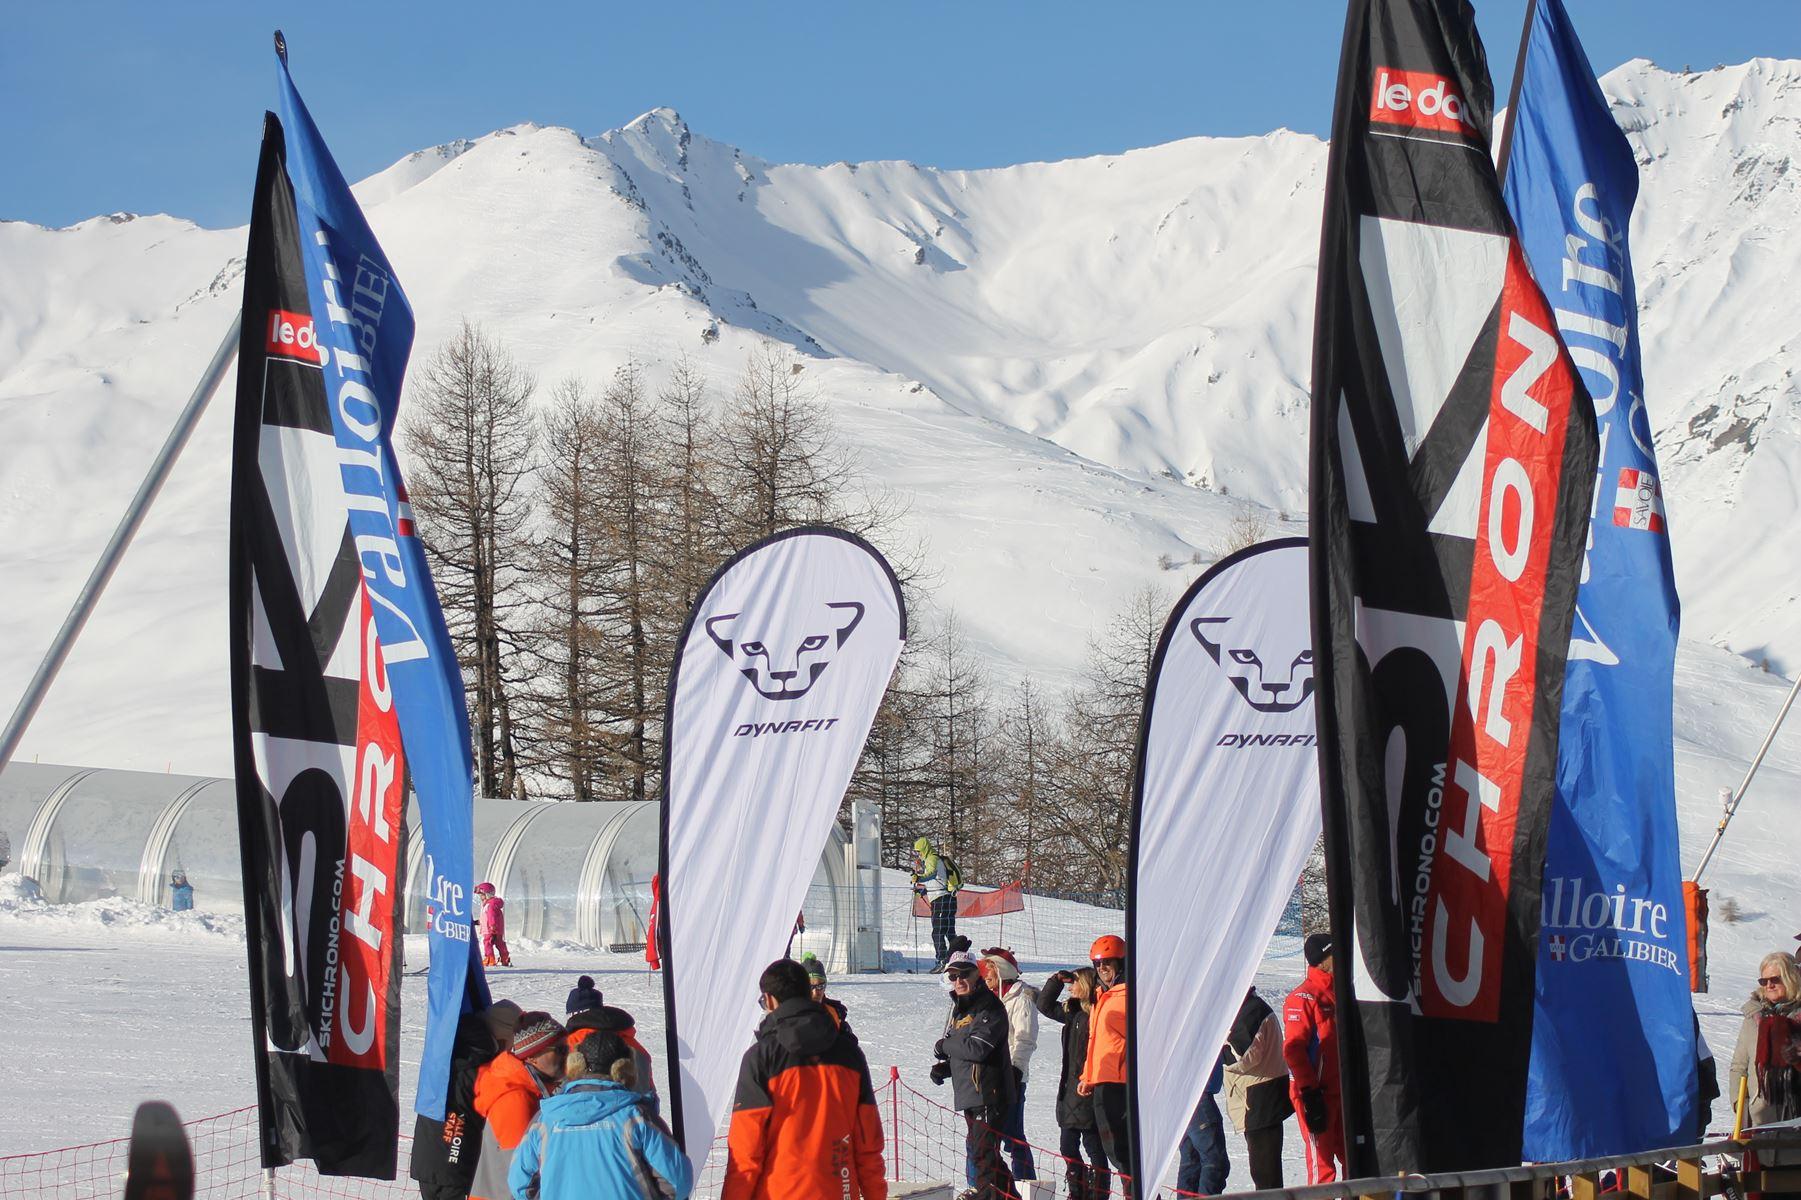 aire darrivée - Résultats de la 3ème édition du Valloire Dynafit Vertical (ski alpi) 04/01/2020